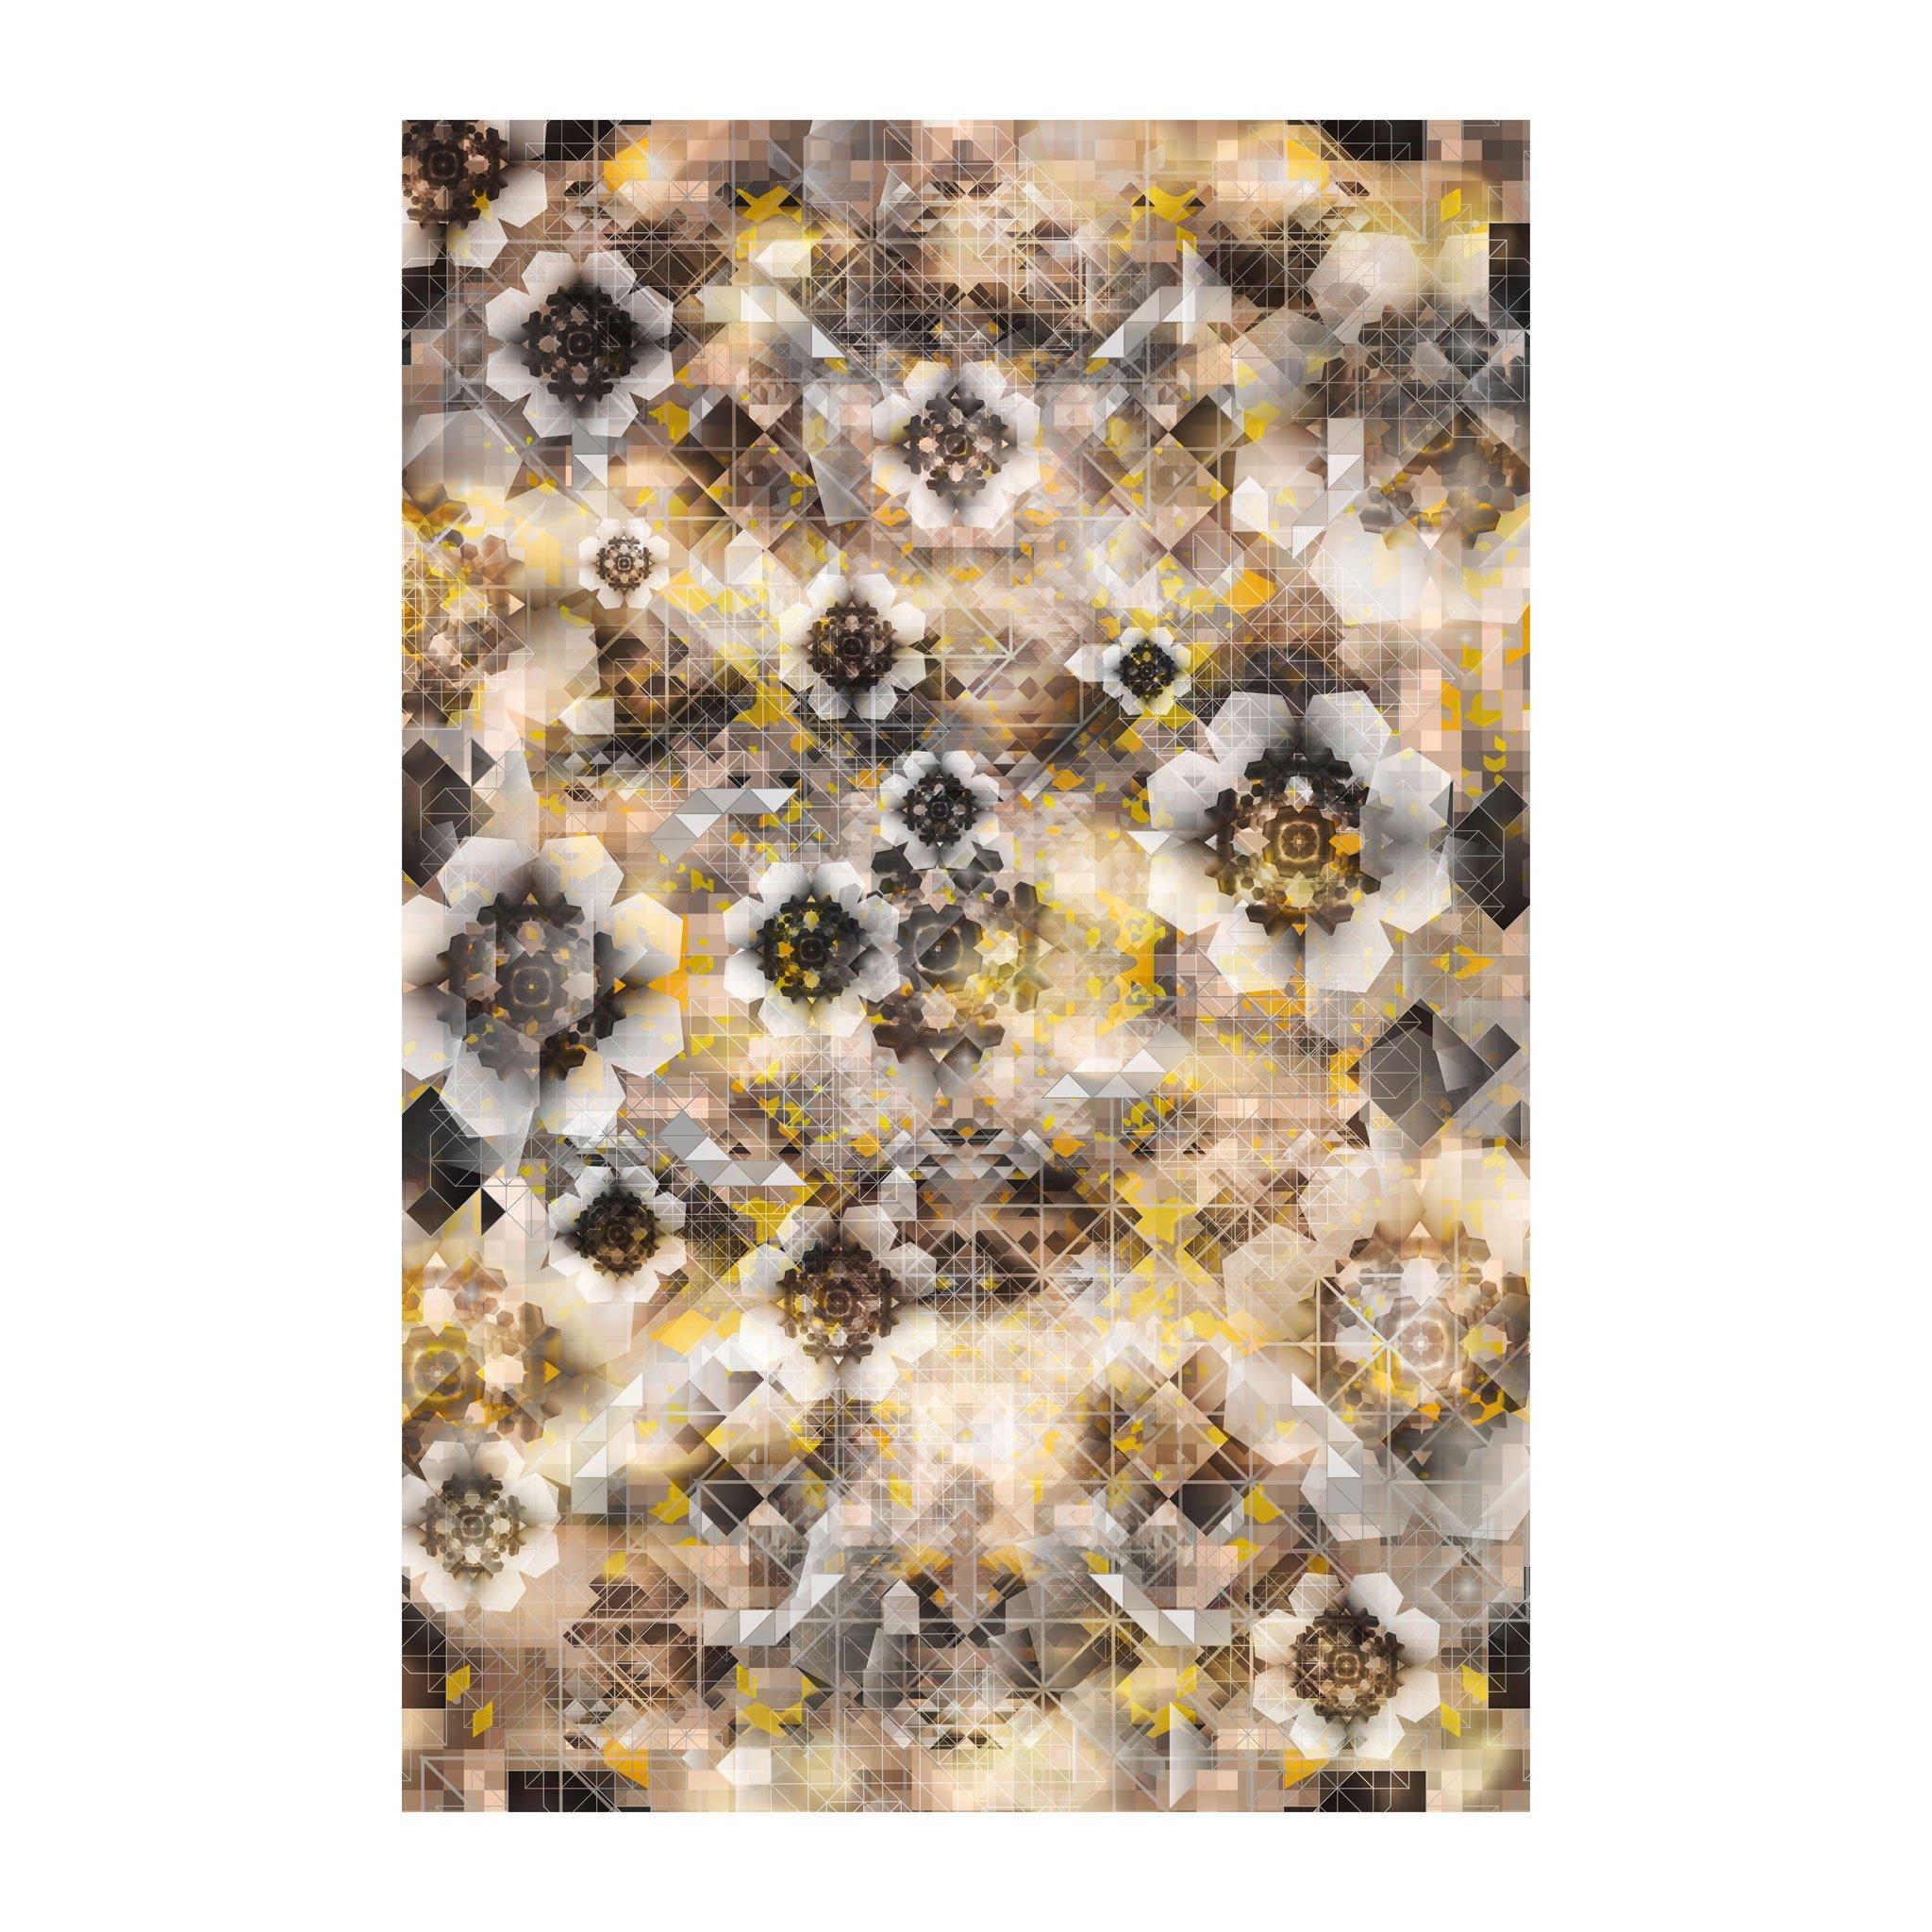 Moooi Carpets Digit Glow Rug by Marcel Wanders Flat